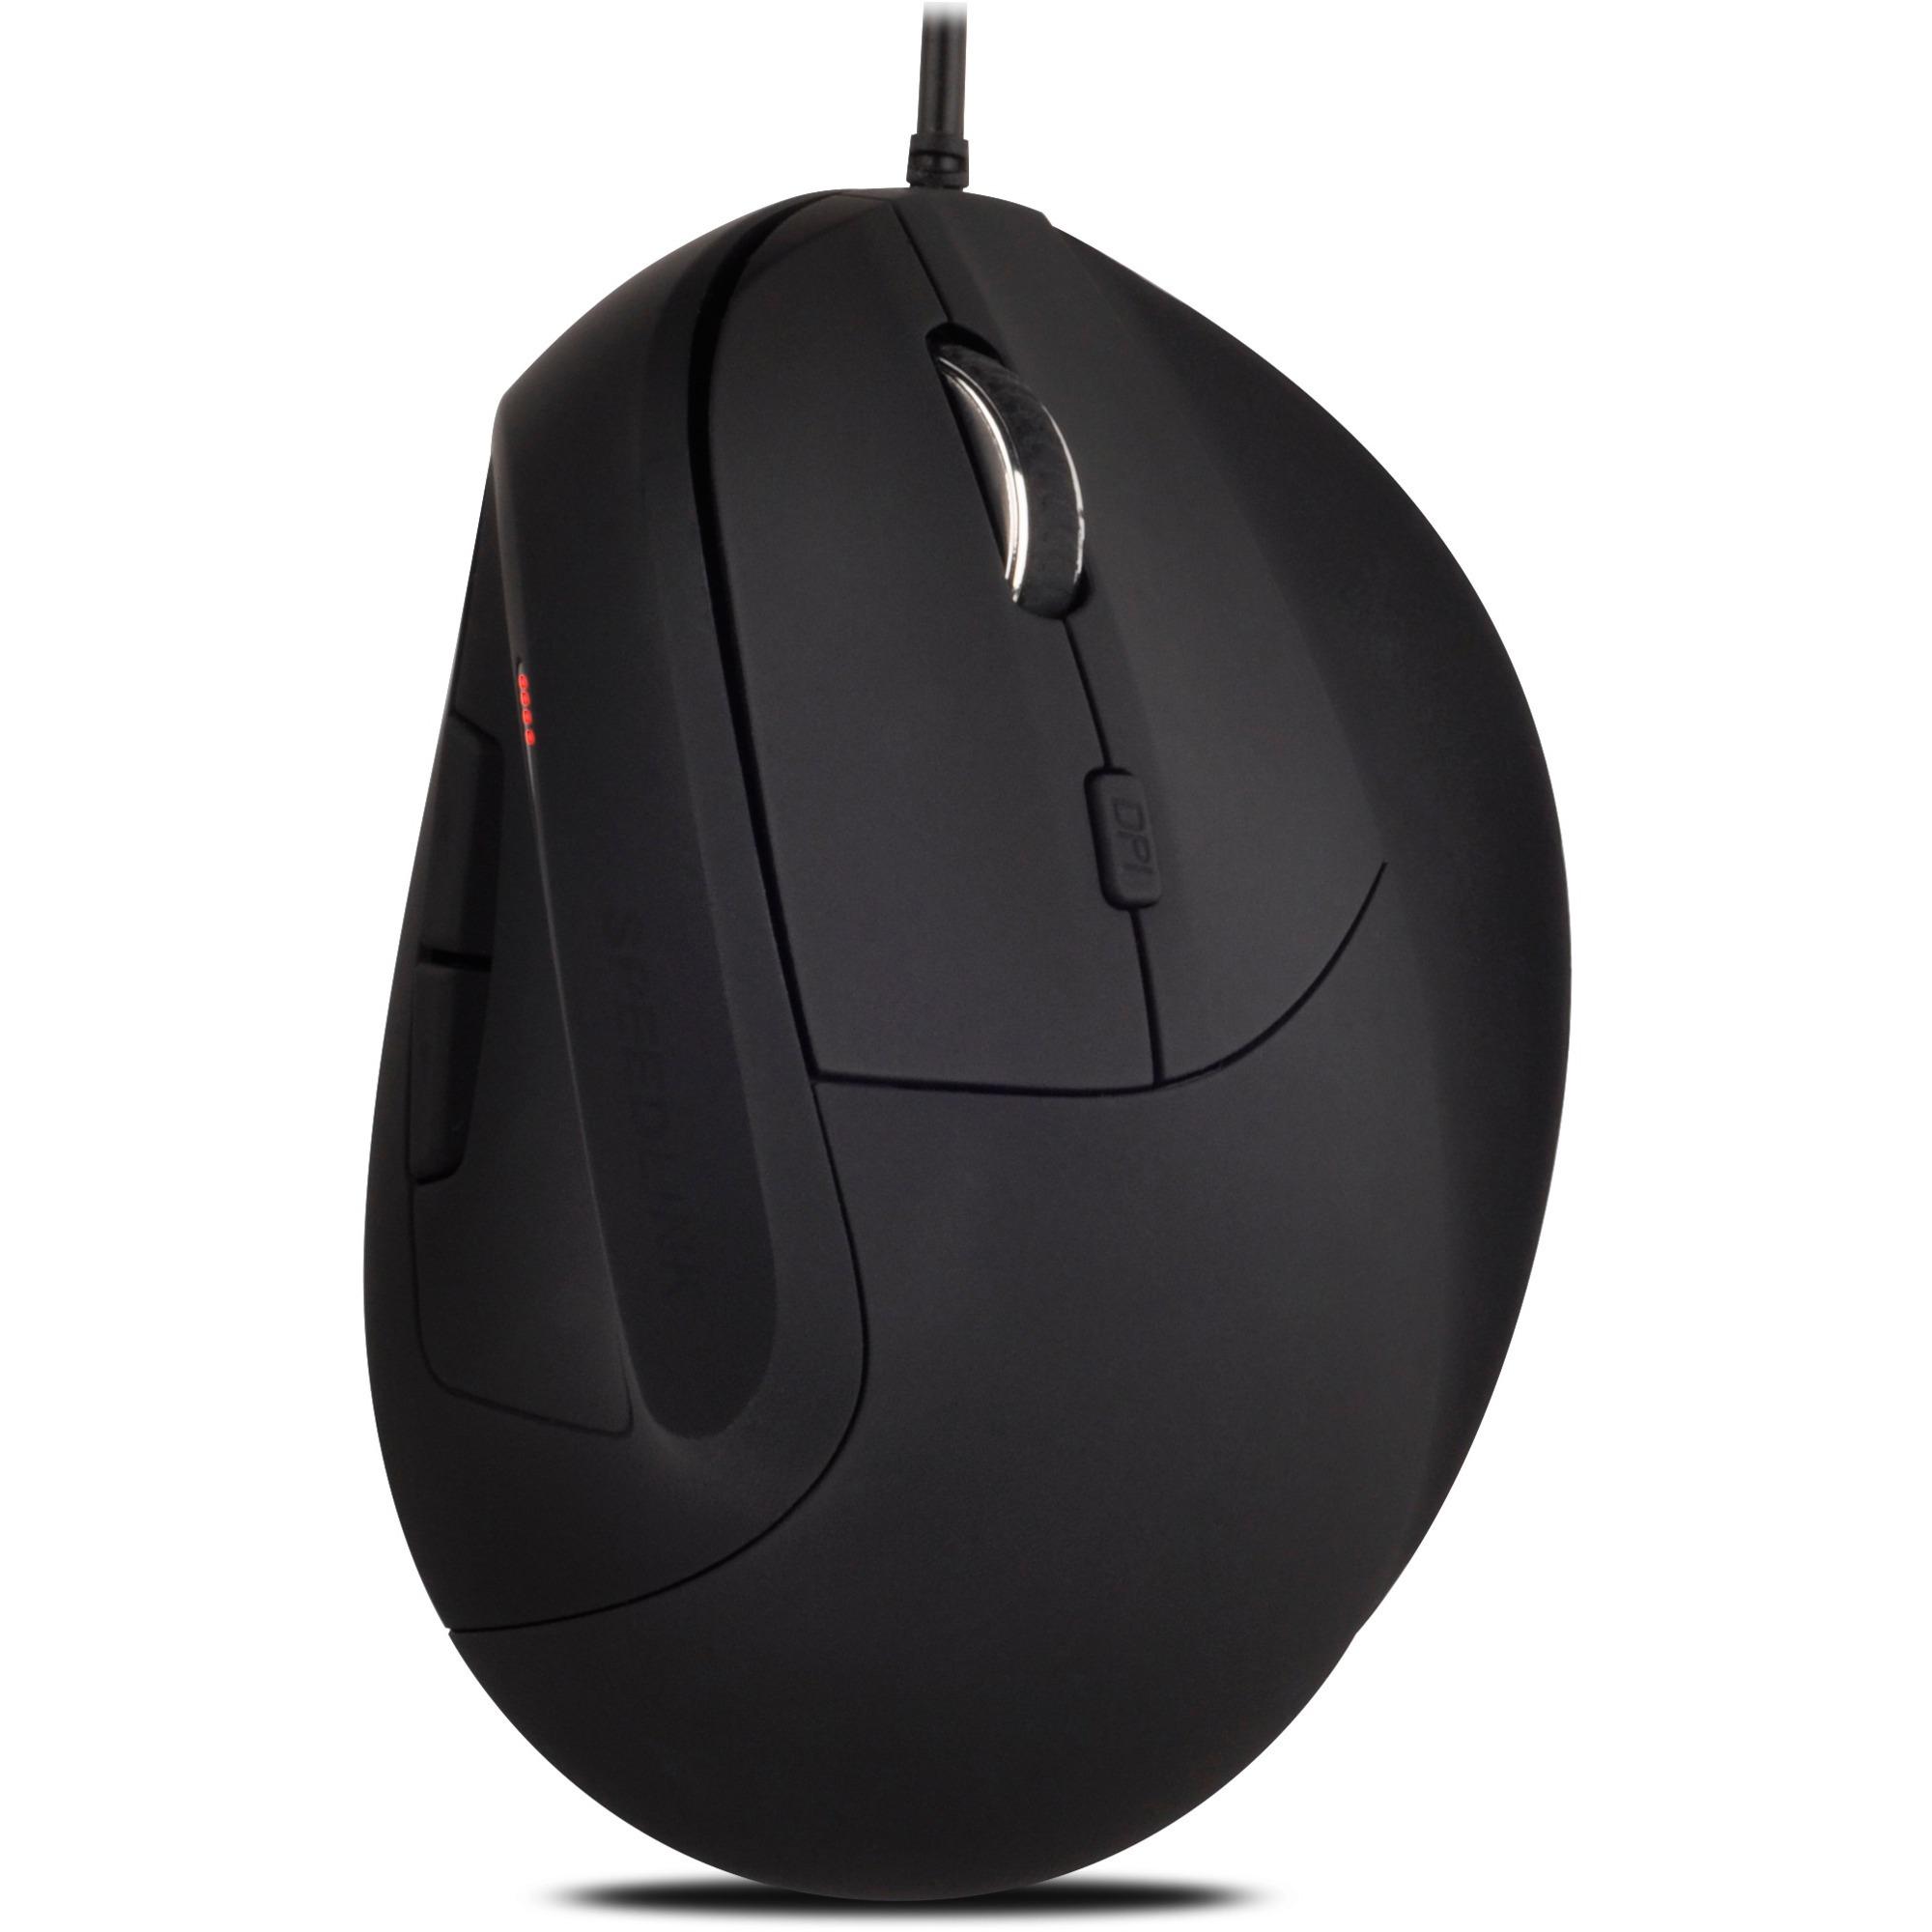 Descano ratón USB 2400 DPI mano derecha